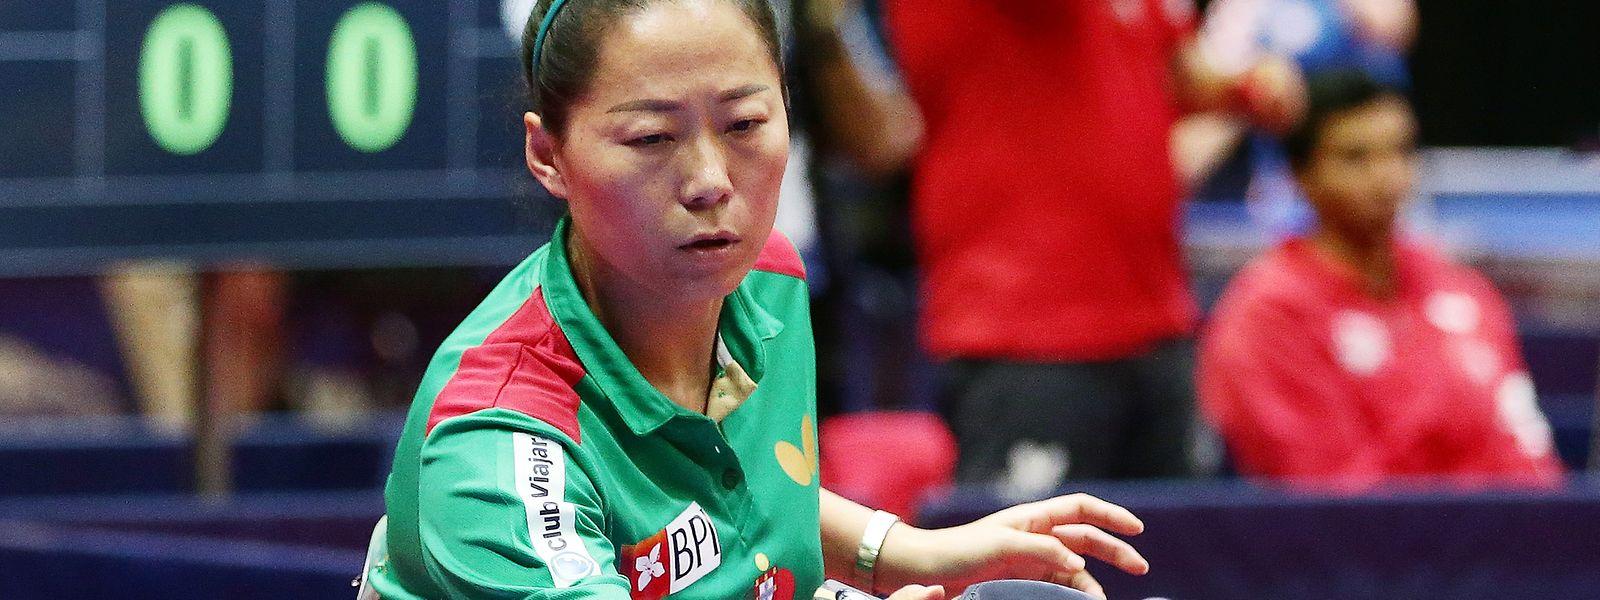 A jogadora portuguesa Fu YU foi determinante na vitória lusa frente à Ucrânia